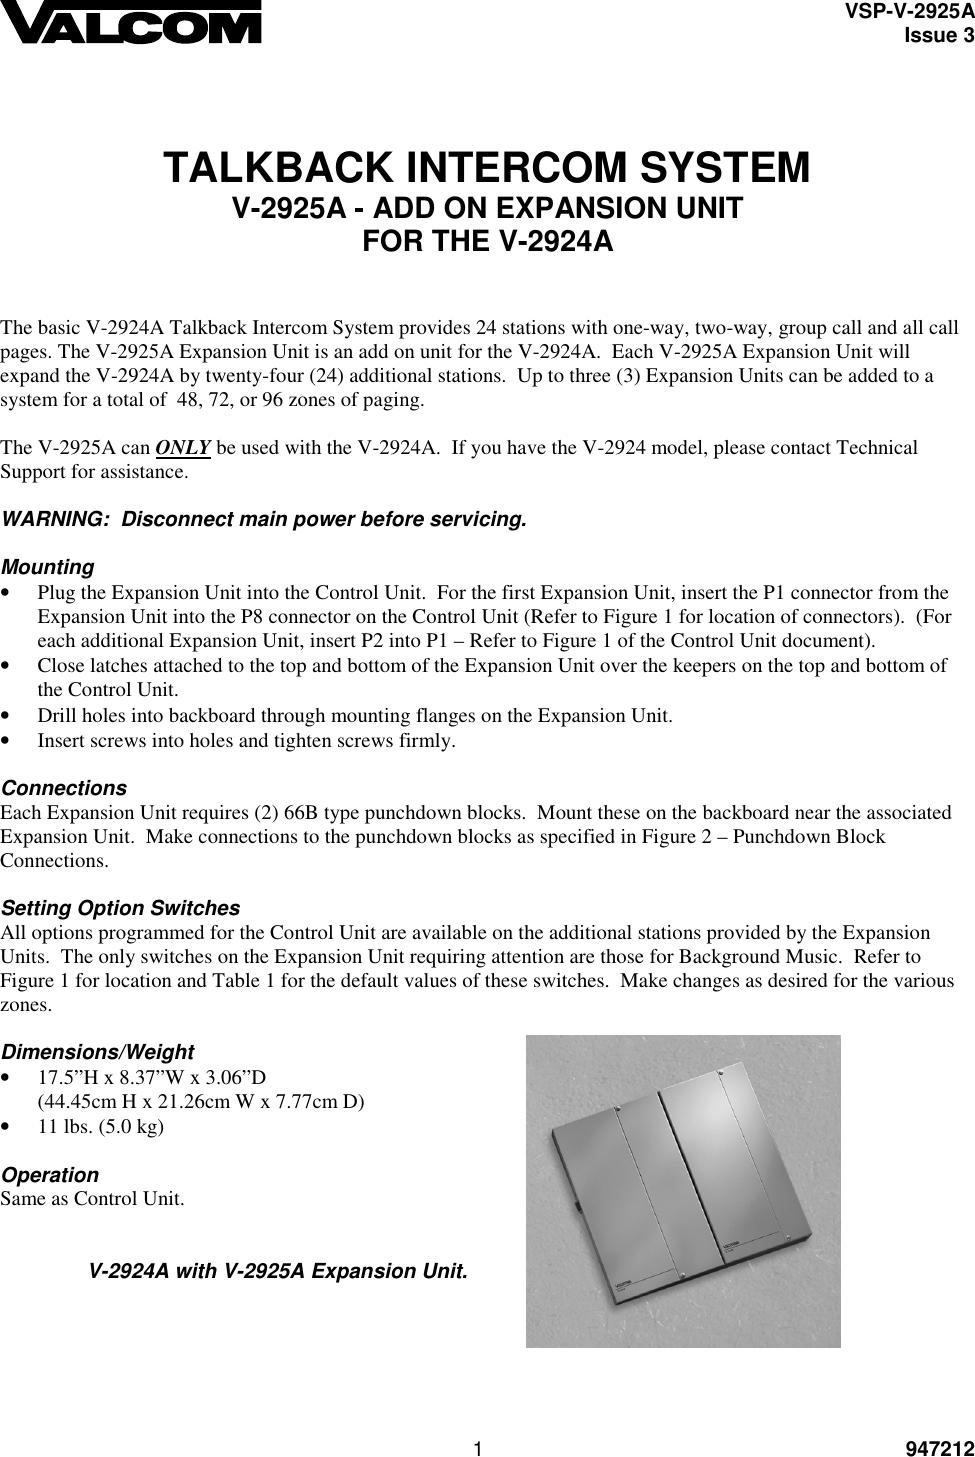 Fantastic Valcom Intercom System Vsp V 2925A Users Manual Wiring 101 Olytiaxxcnl